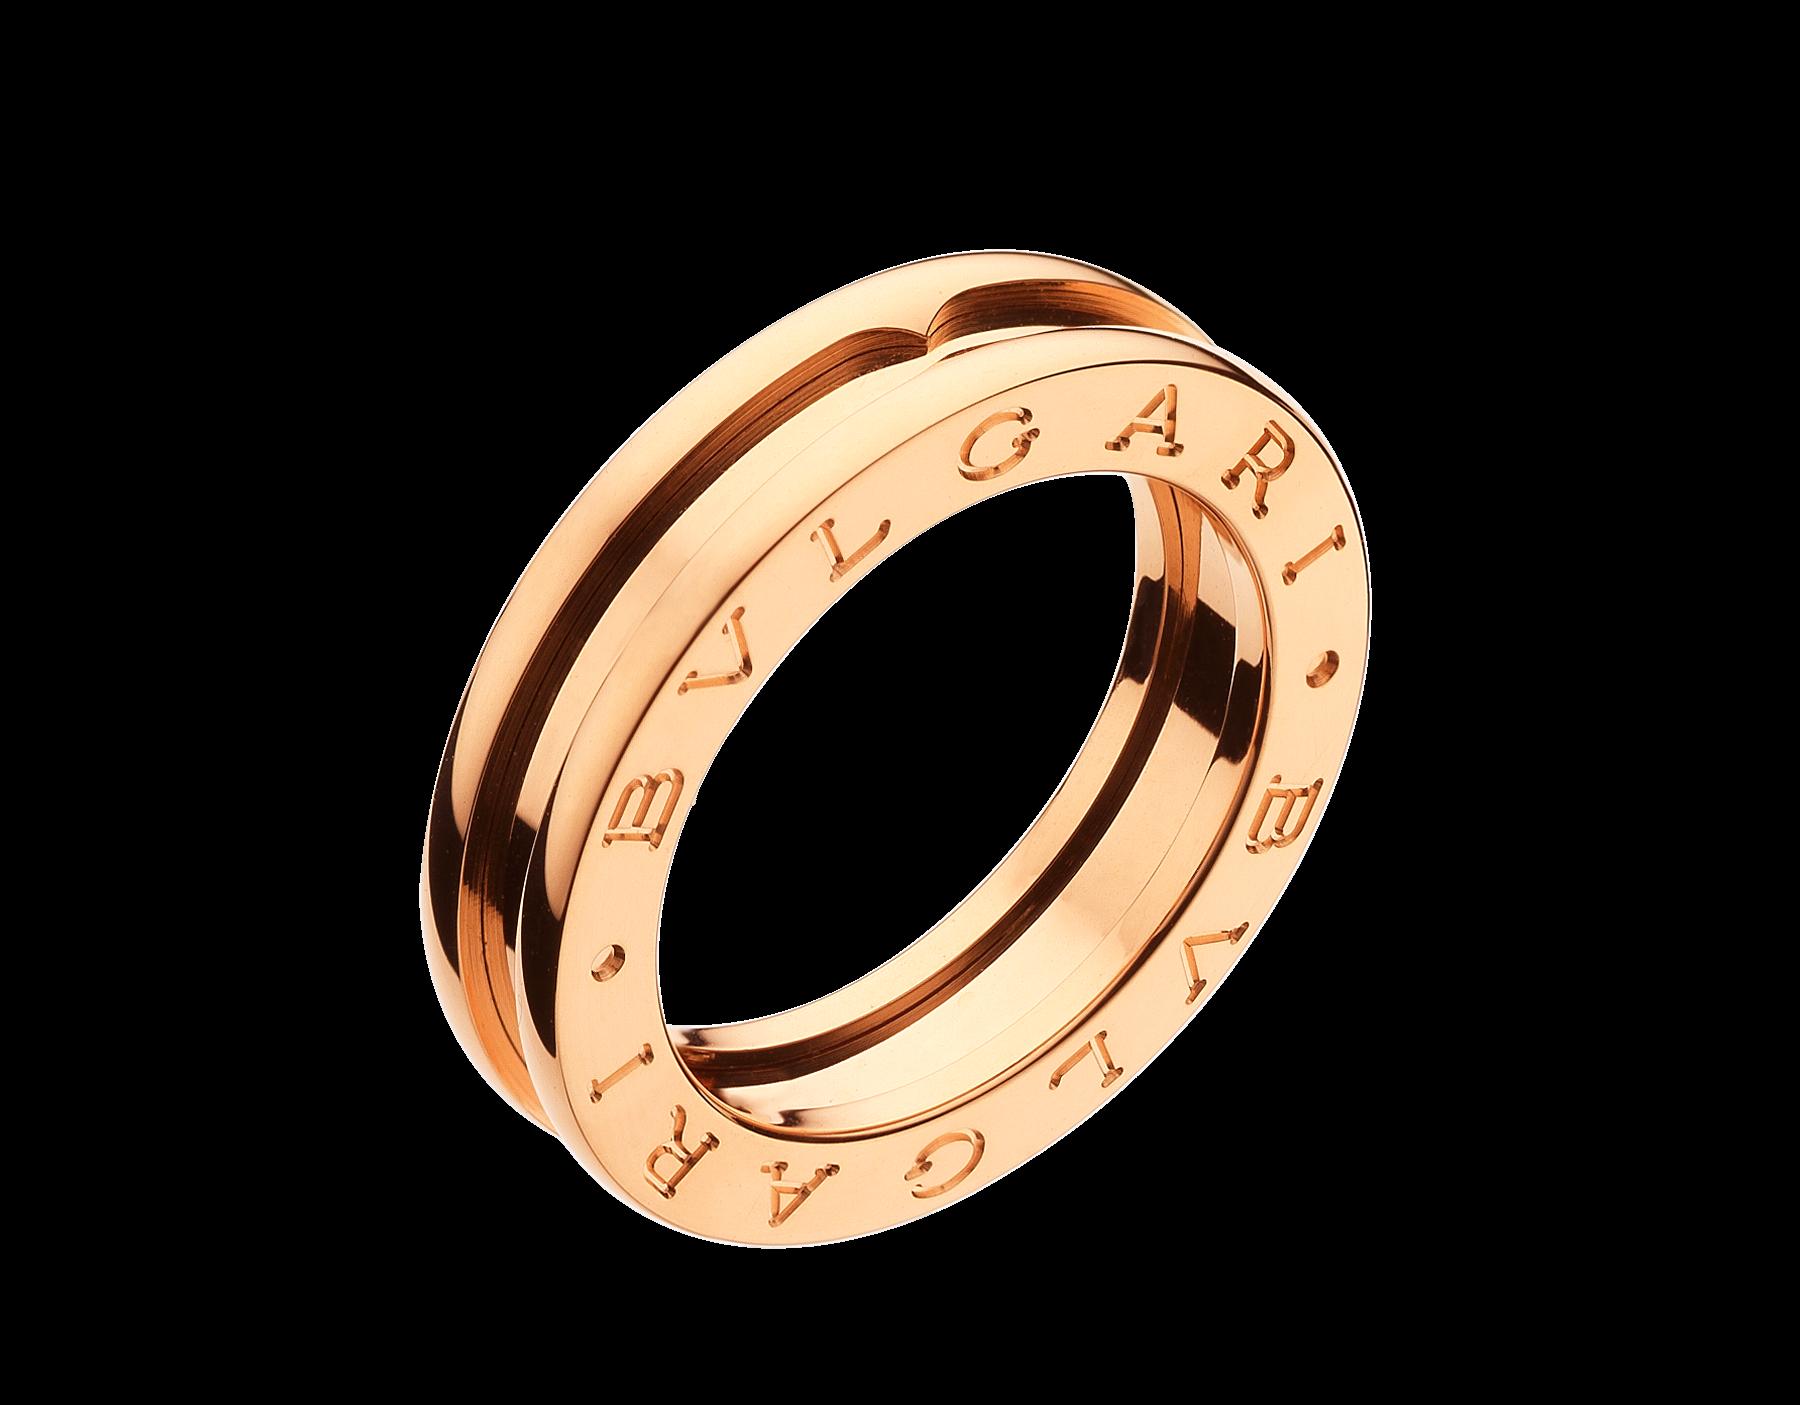 c8d7ed911c7 B.zero1 Anel de ouro AN852422 - Descubra as coleções da Bulgari e leia mais  sobre a magnífica joalheria italiana no seu site oficial.